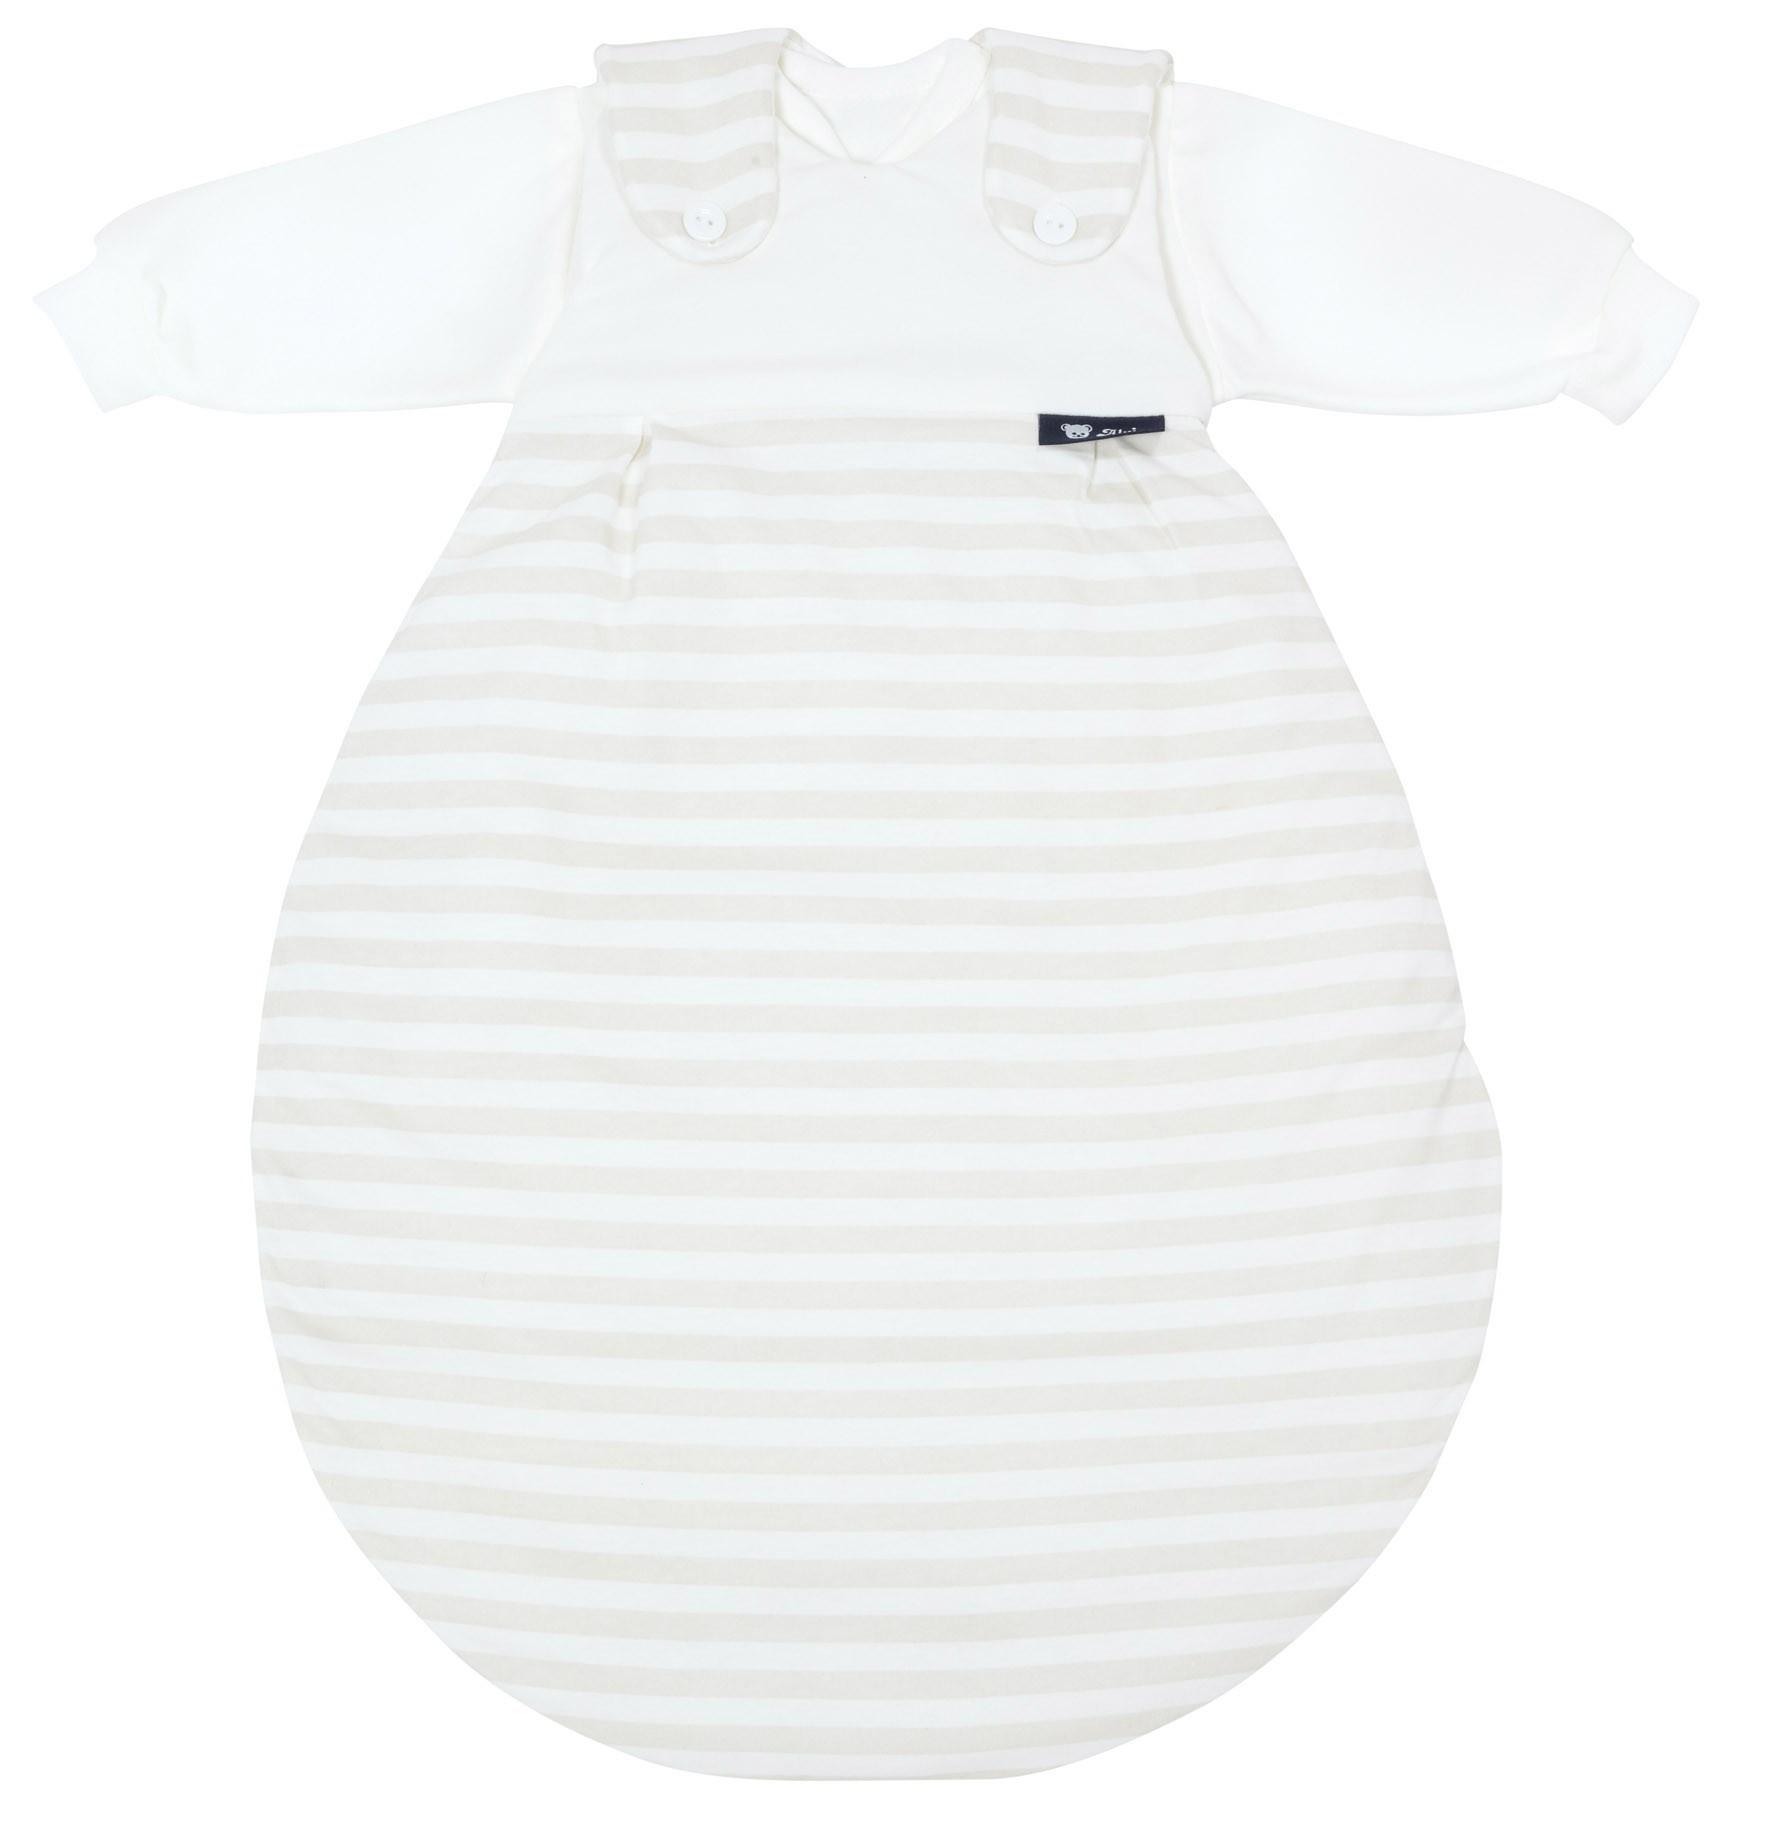 Alvi Baby Mäxchen Schlafsack 50/56 117-6